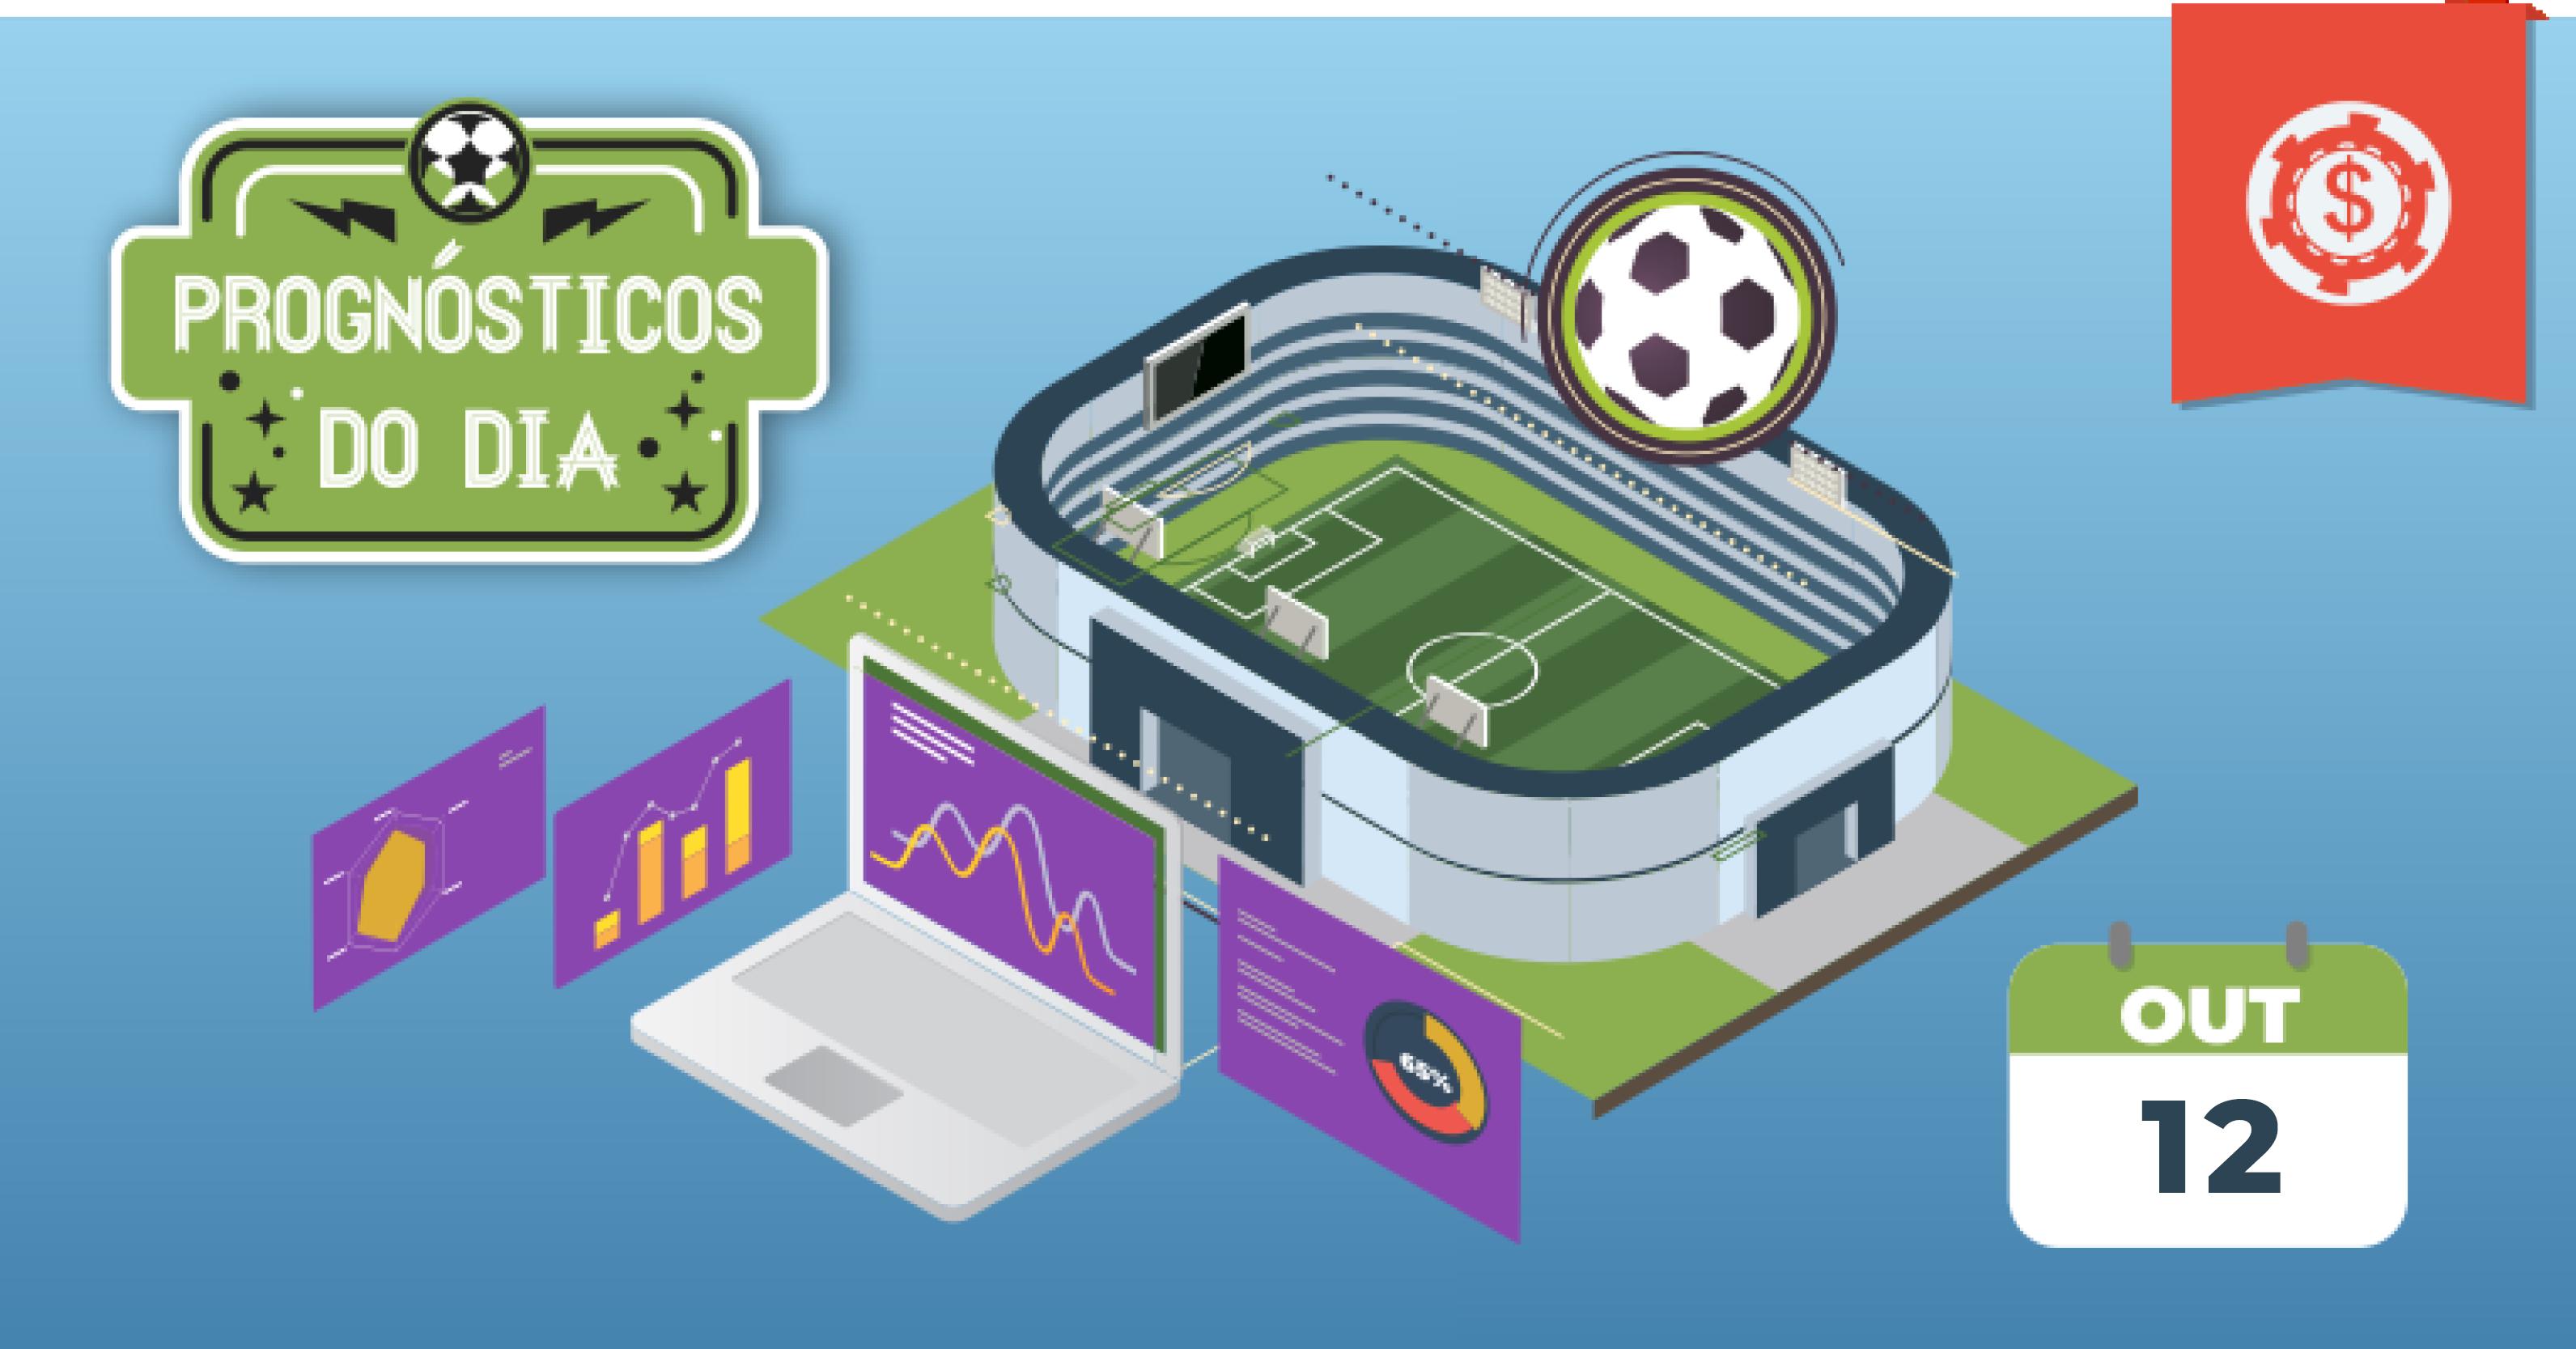 palpites-futebol-hoje-prognosticos-12-outubro-2019